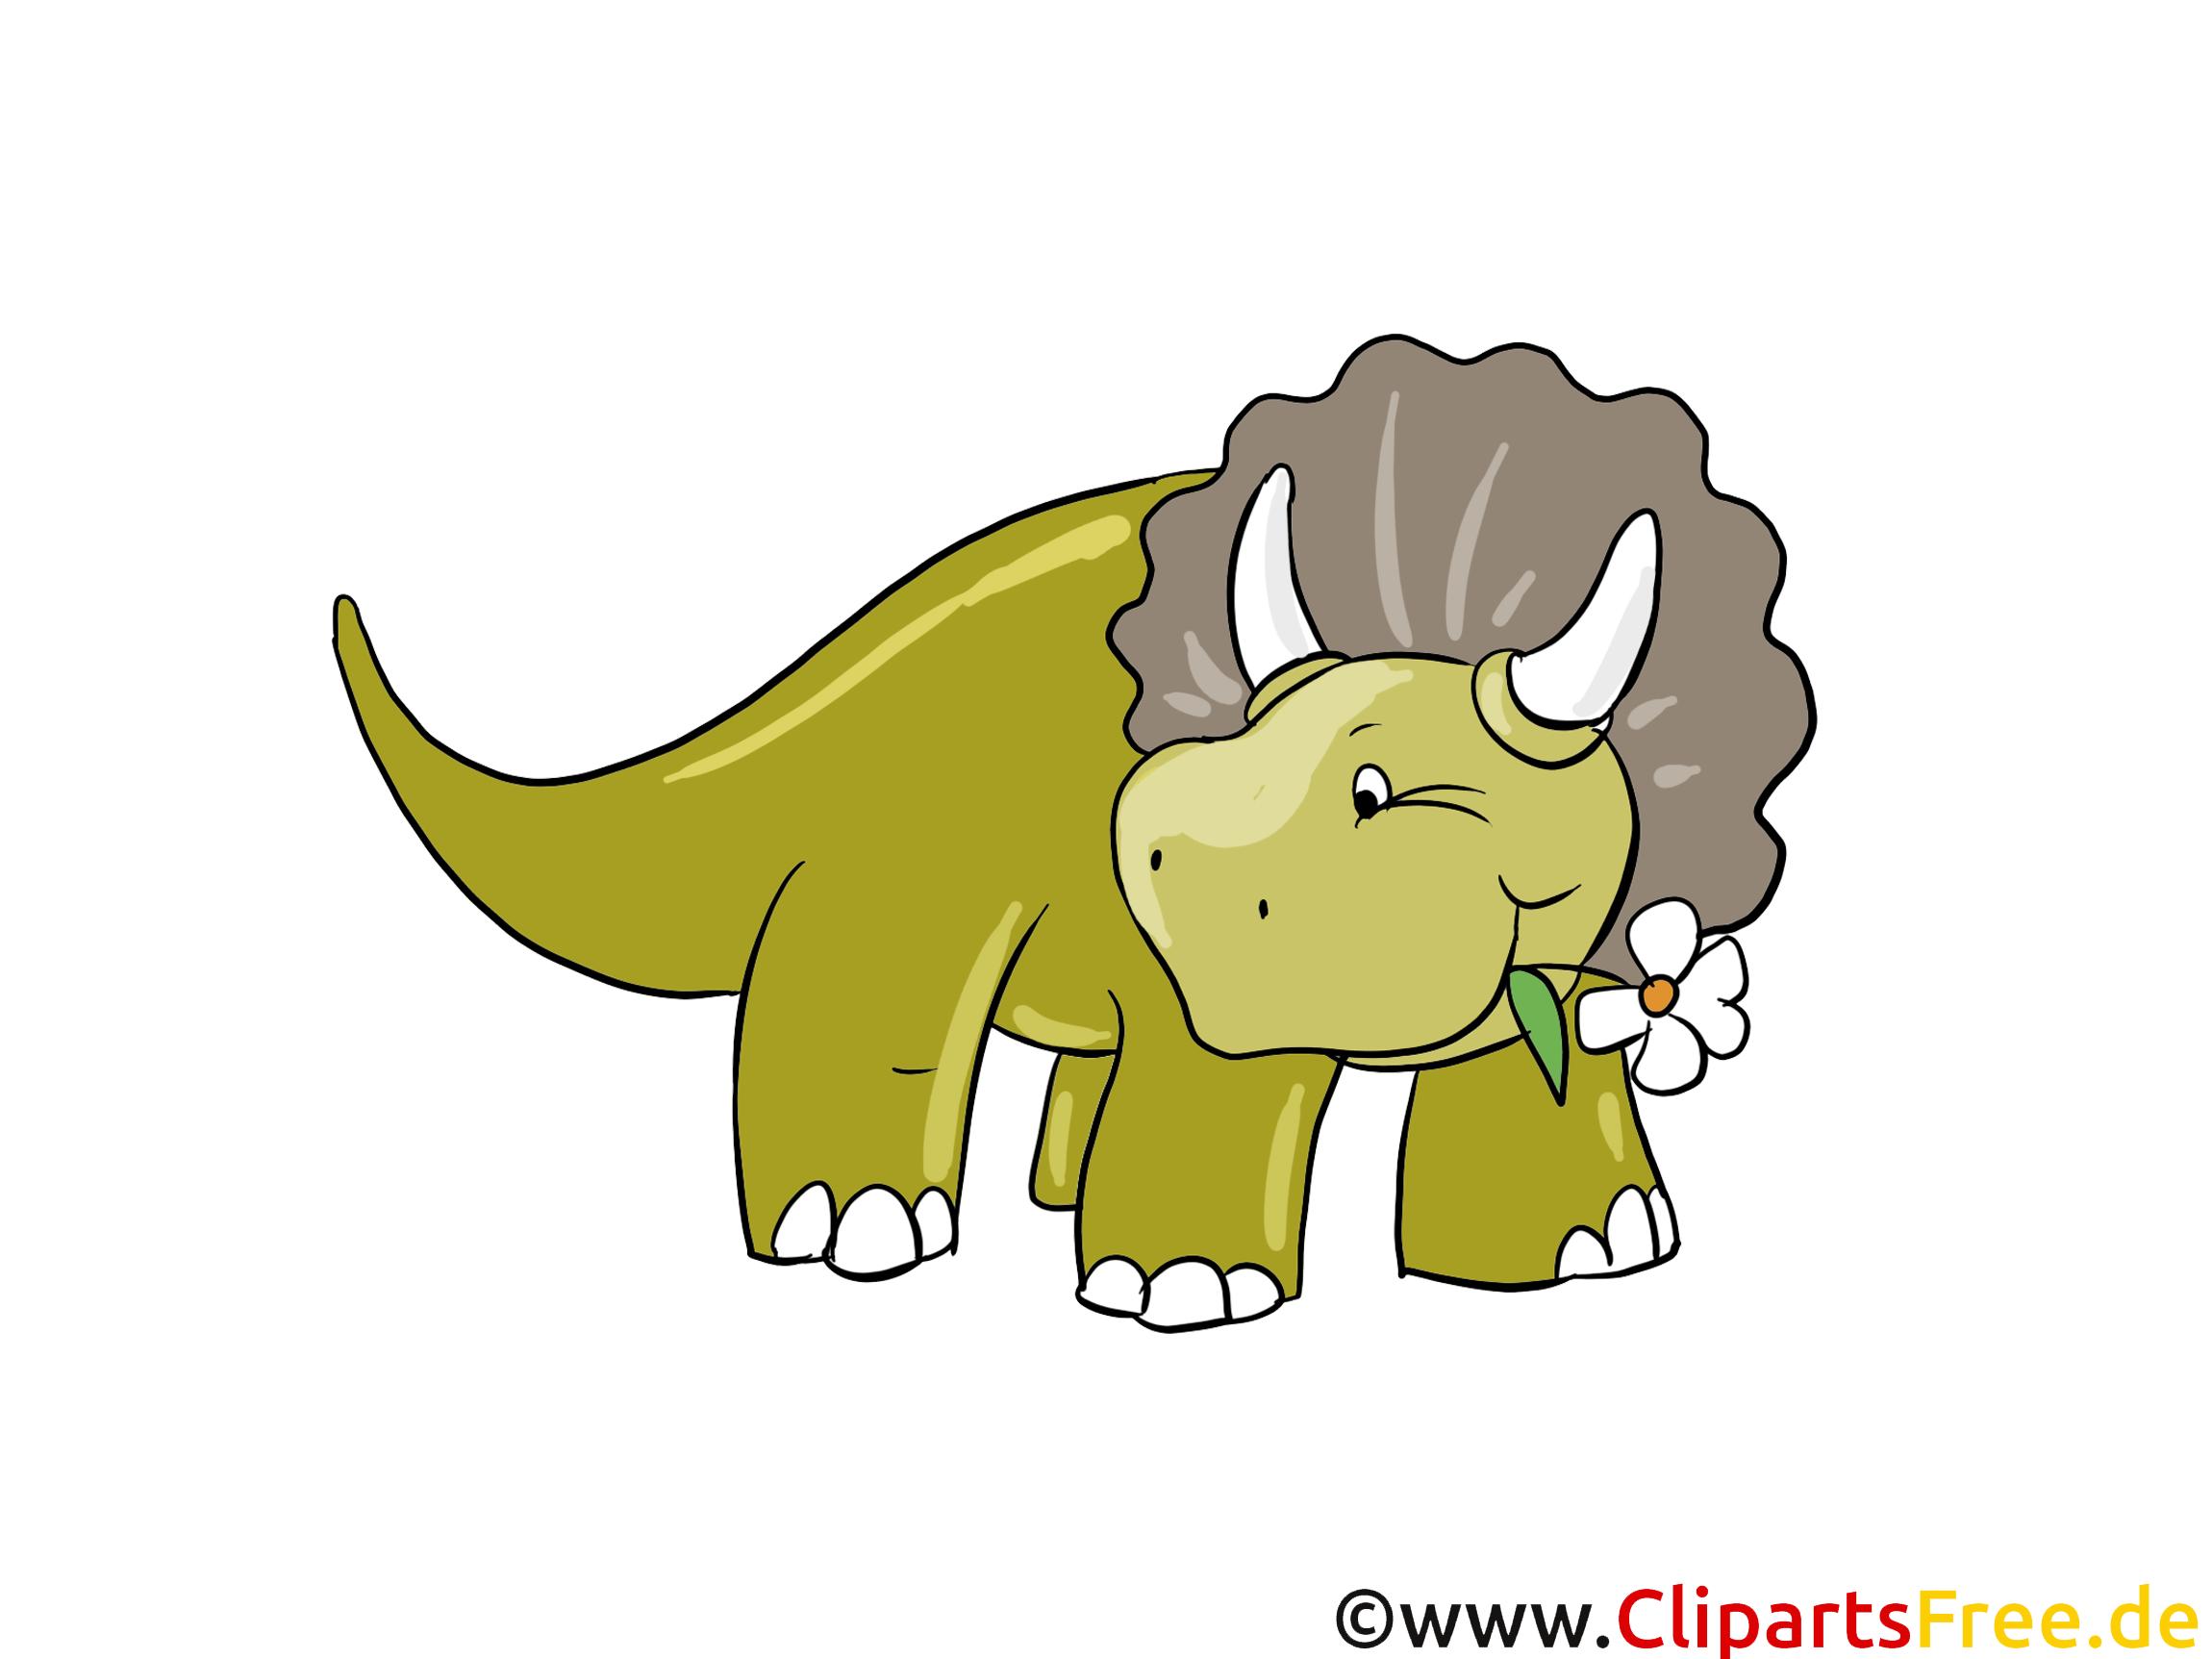 Triceratops-afbeelding - afbeeldingen van dinosaurussen, cartoons, gratis illustraties